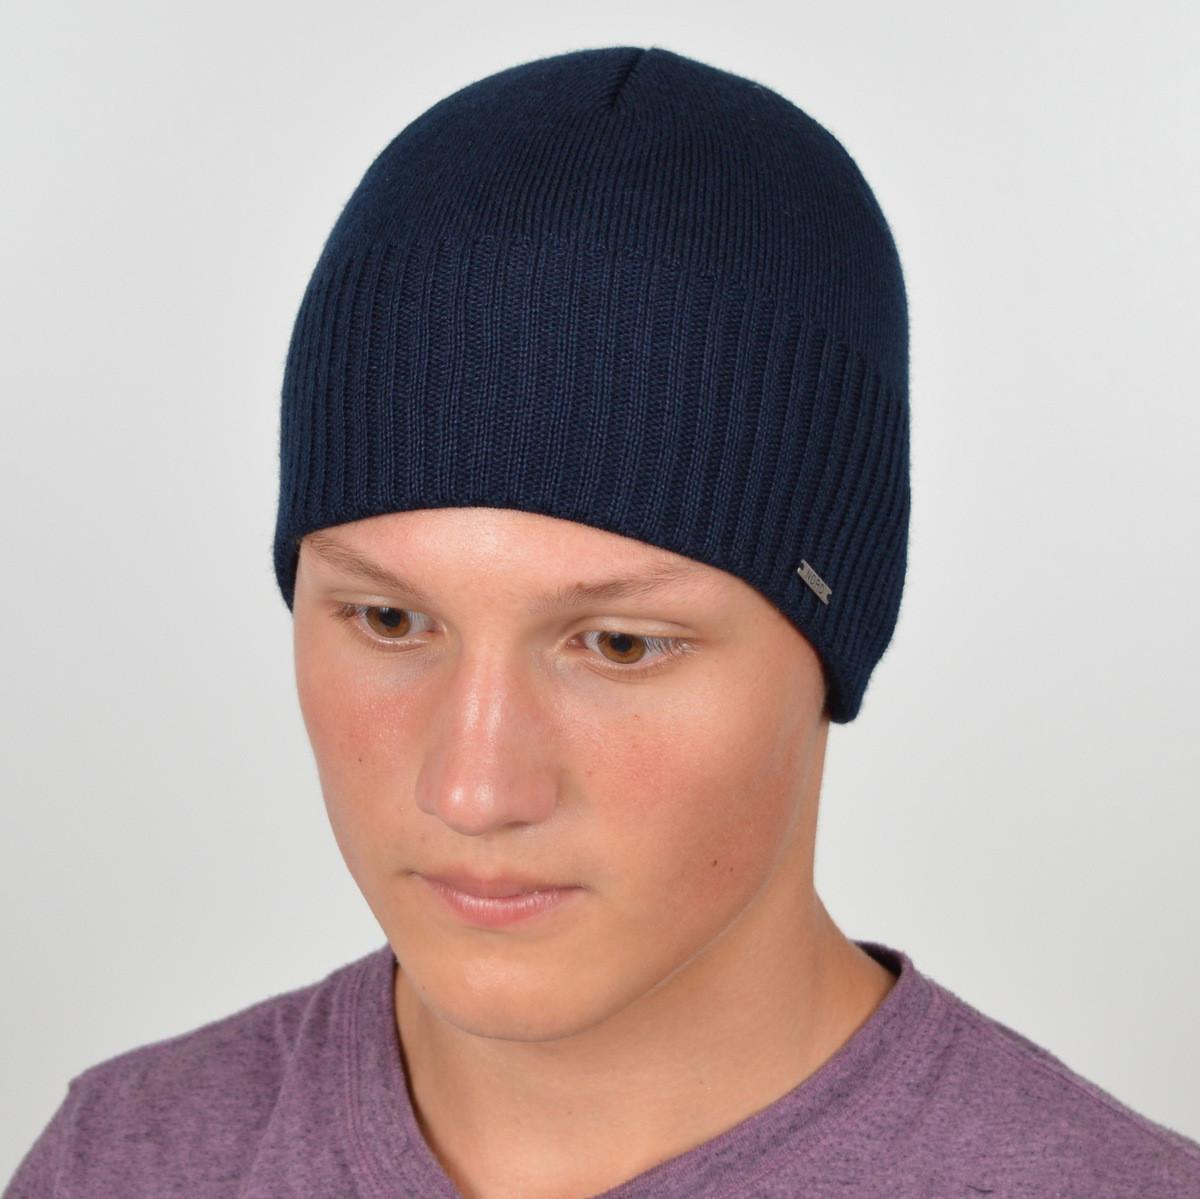 Мужская вязанная шапка NORD синий